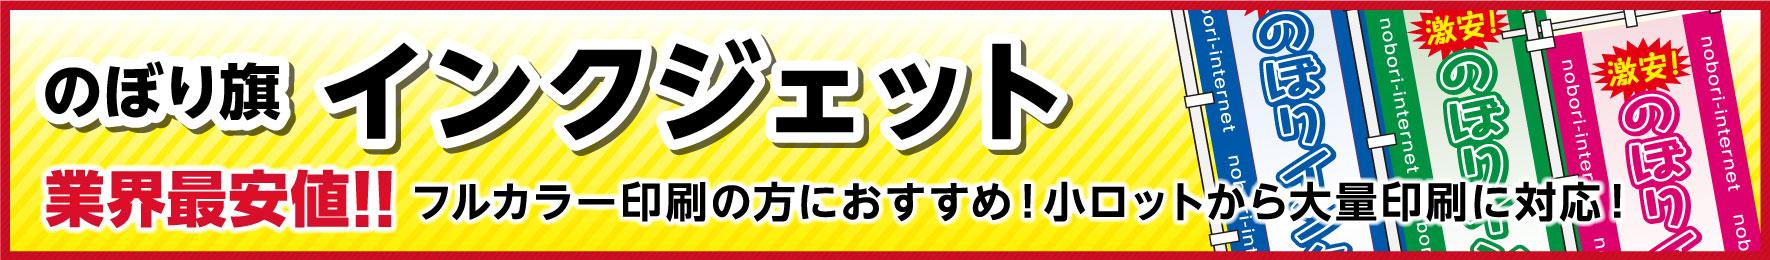 【のぼり インクジェット】業界最安値!!耐久性・耐候性が抜群!少ロットの方におすすめです!